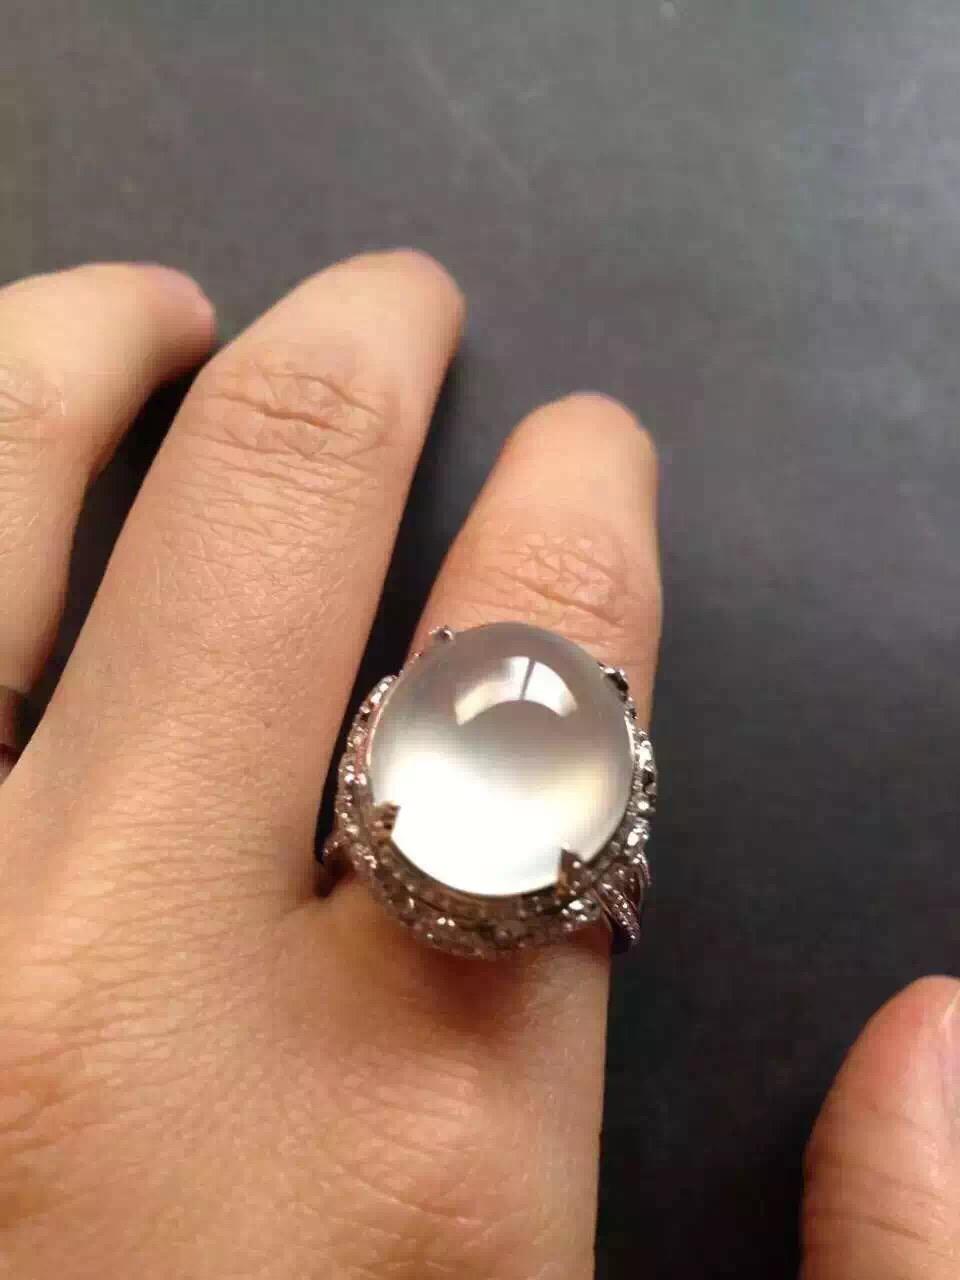 luxurioua translucent clear glass jade cabochon diamond embellished setting wedding engagement